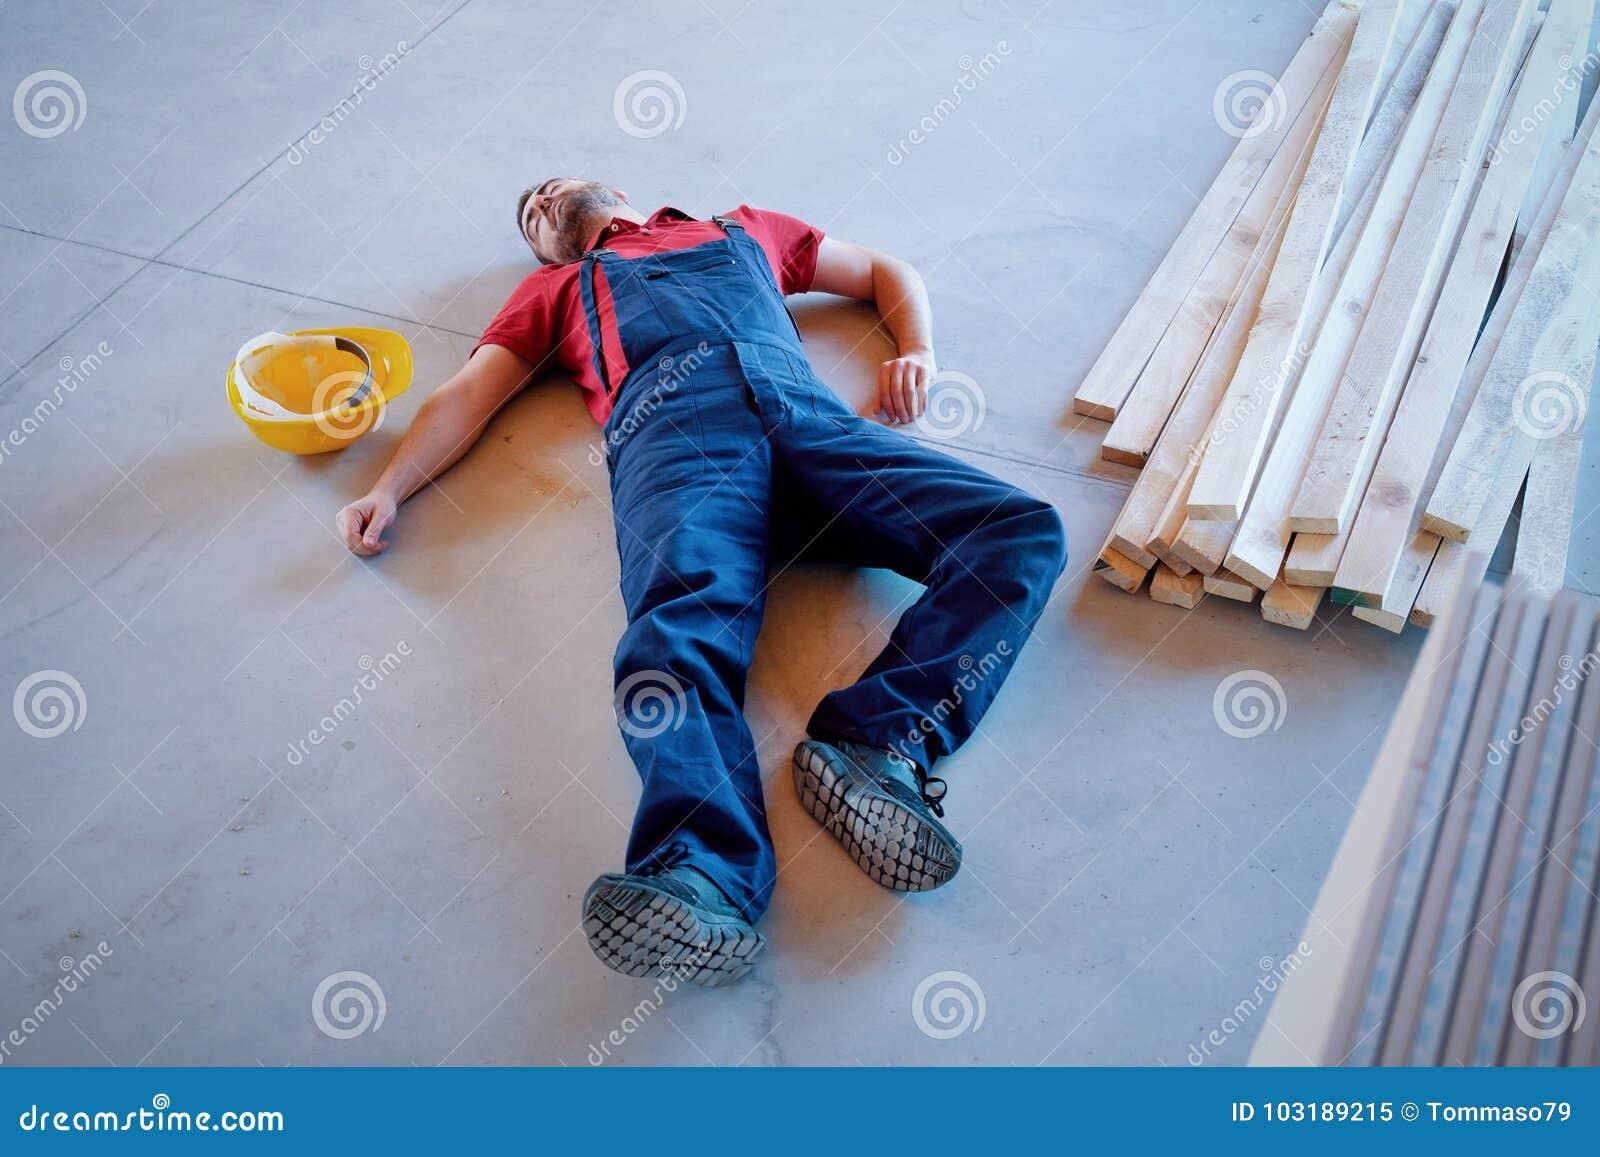 Trabajador en un débil después de lesión en el lugar de trabajo